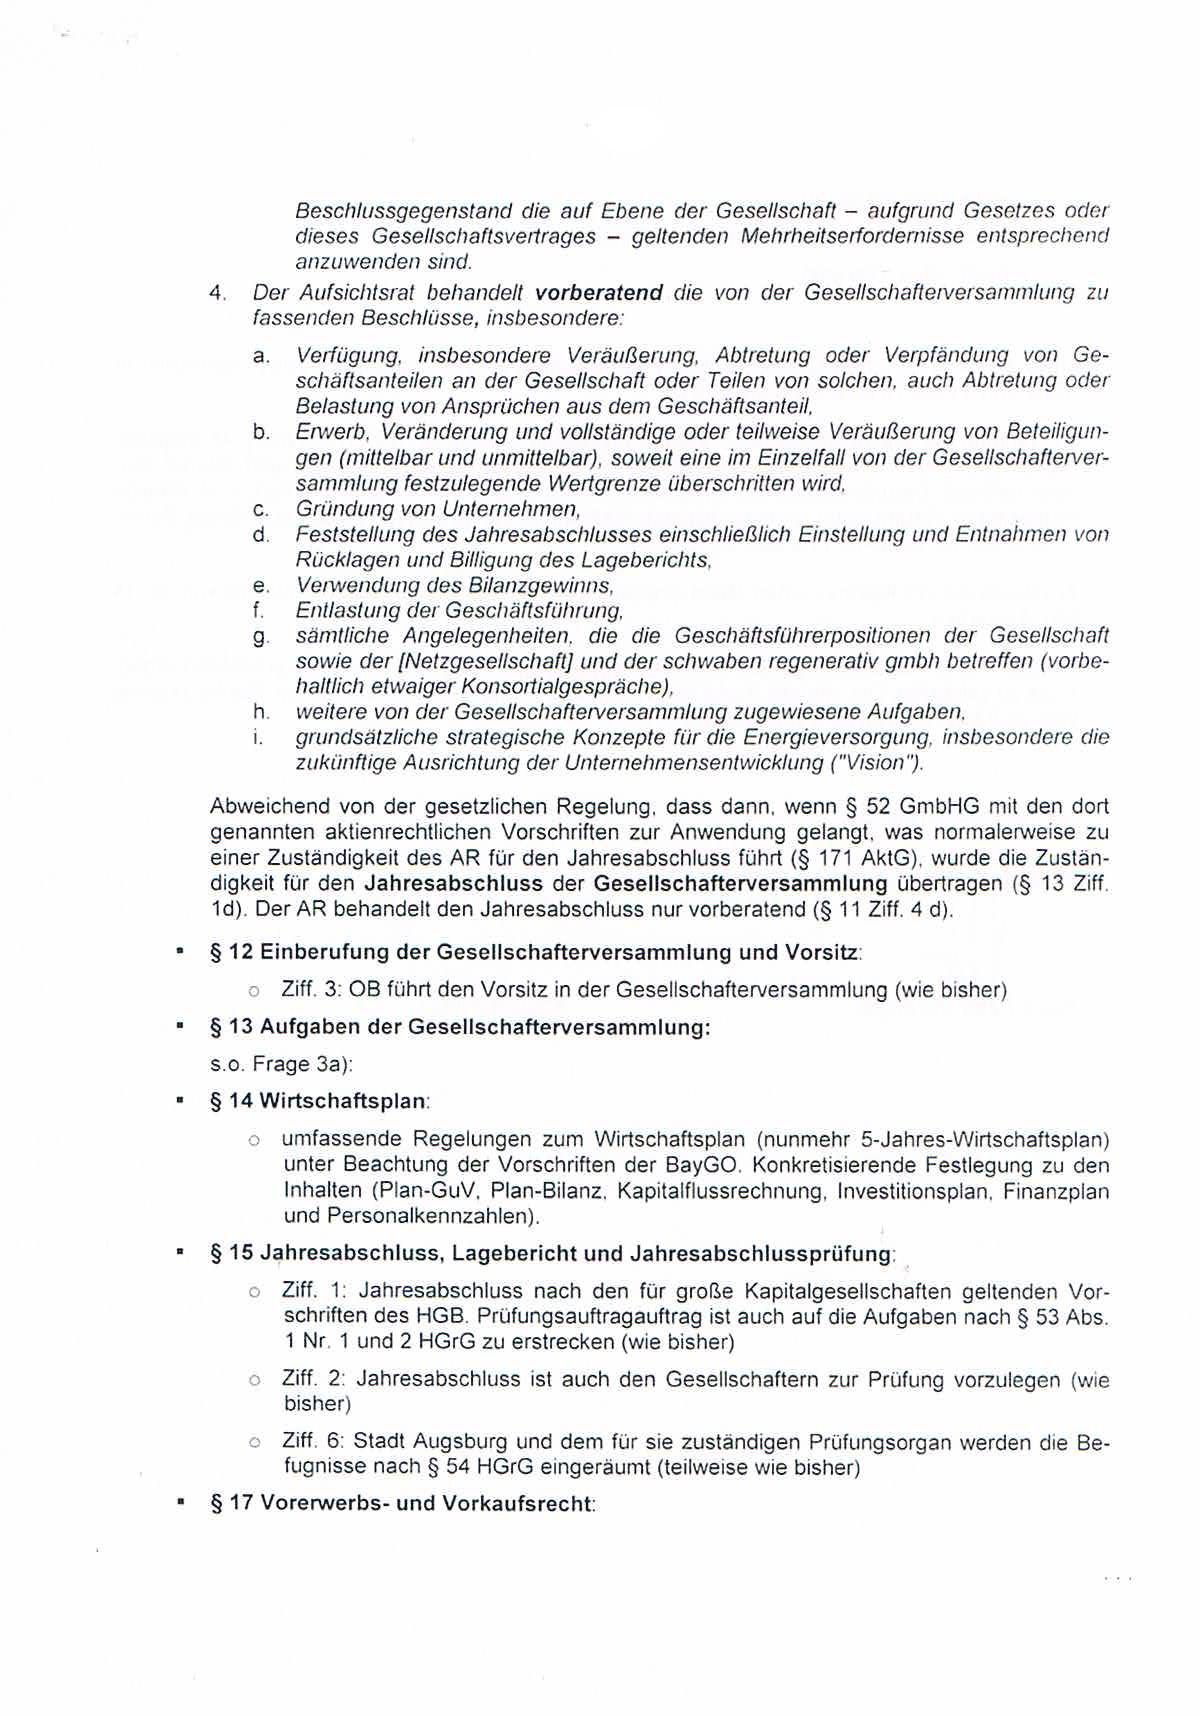 swa-Antwortschreiben vom 14.04.2015, Seite 5 - geweißt